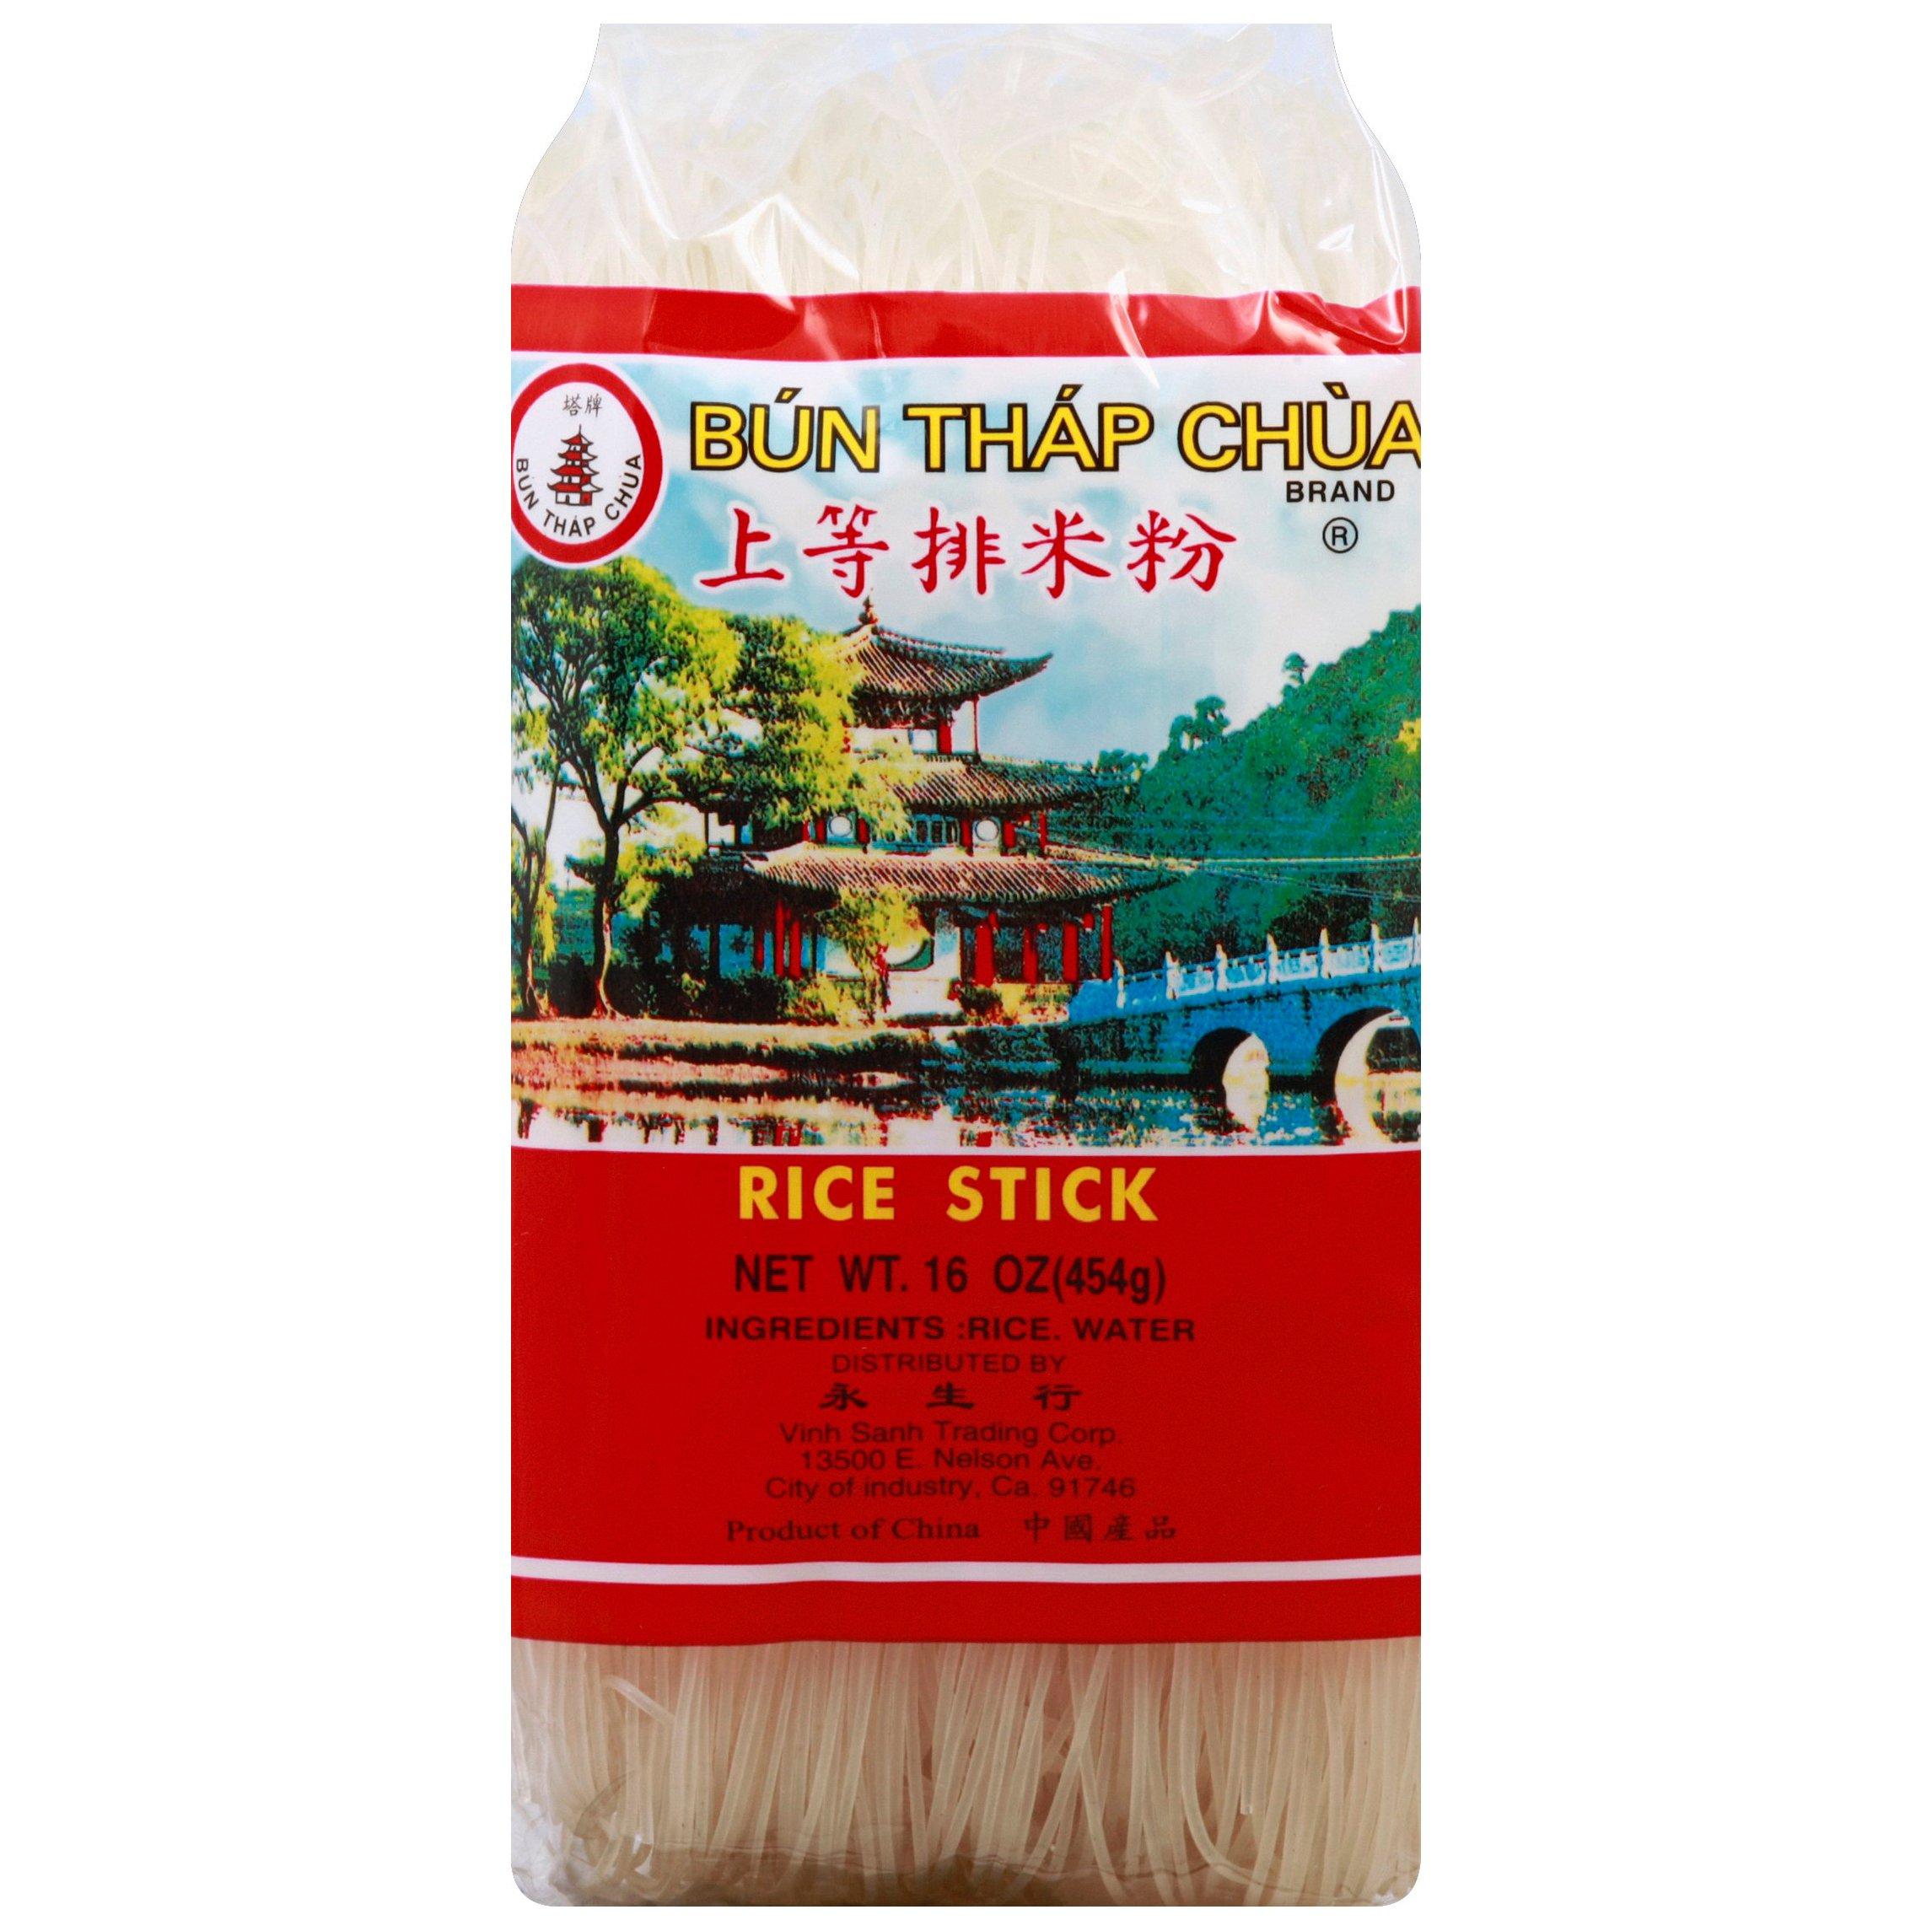 medium bun thap chua rice stick 16 oz hbCUvZINu